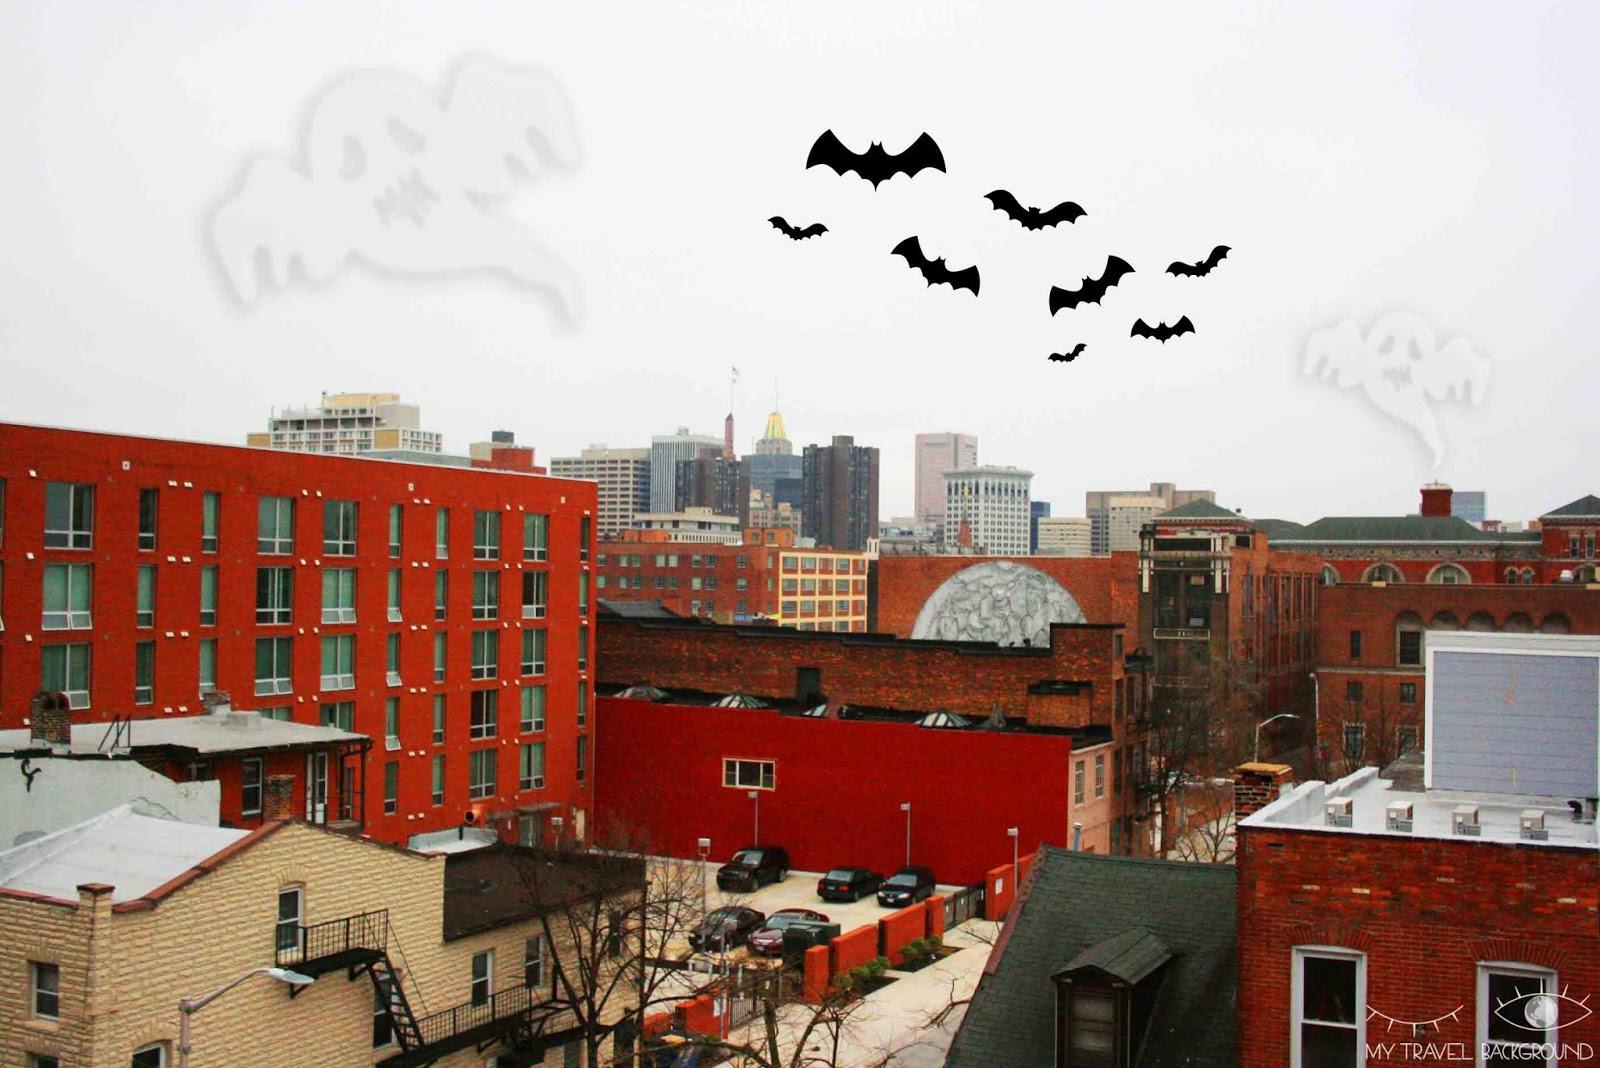 My Travel Background : le jour où j'ai dormi dans un hôtel hanté à Baltimore aux Etats-Unis